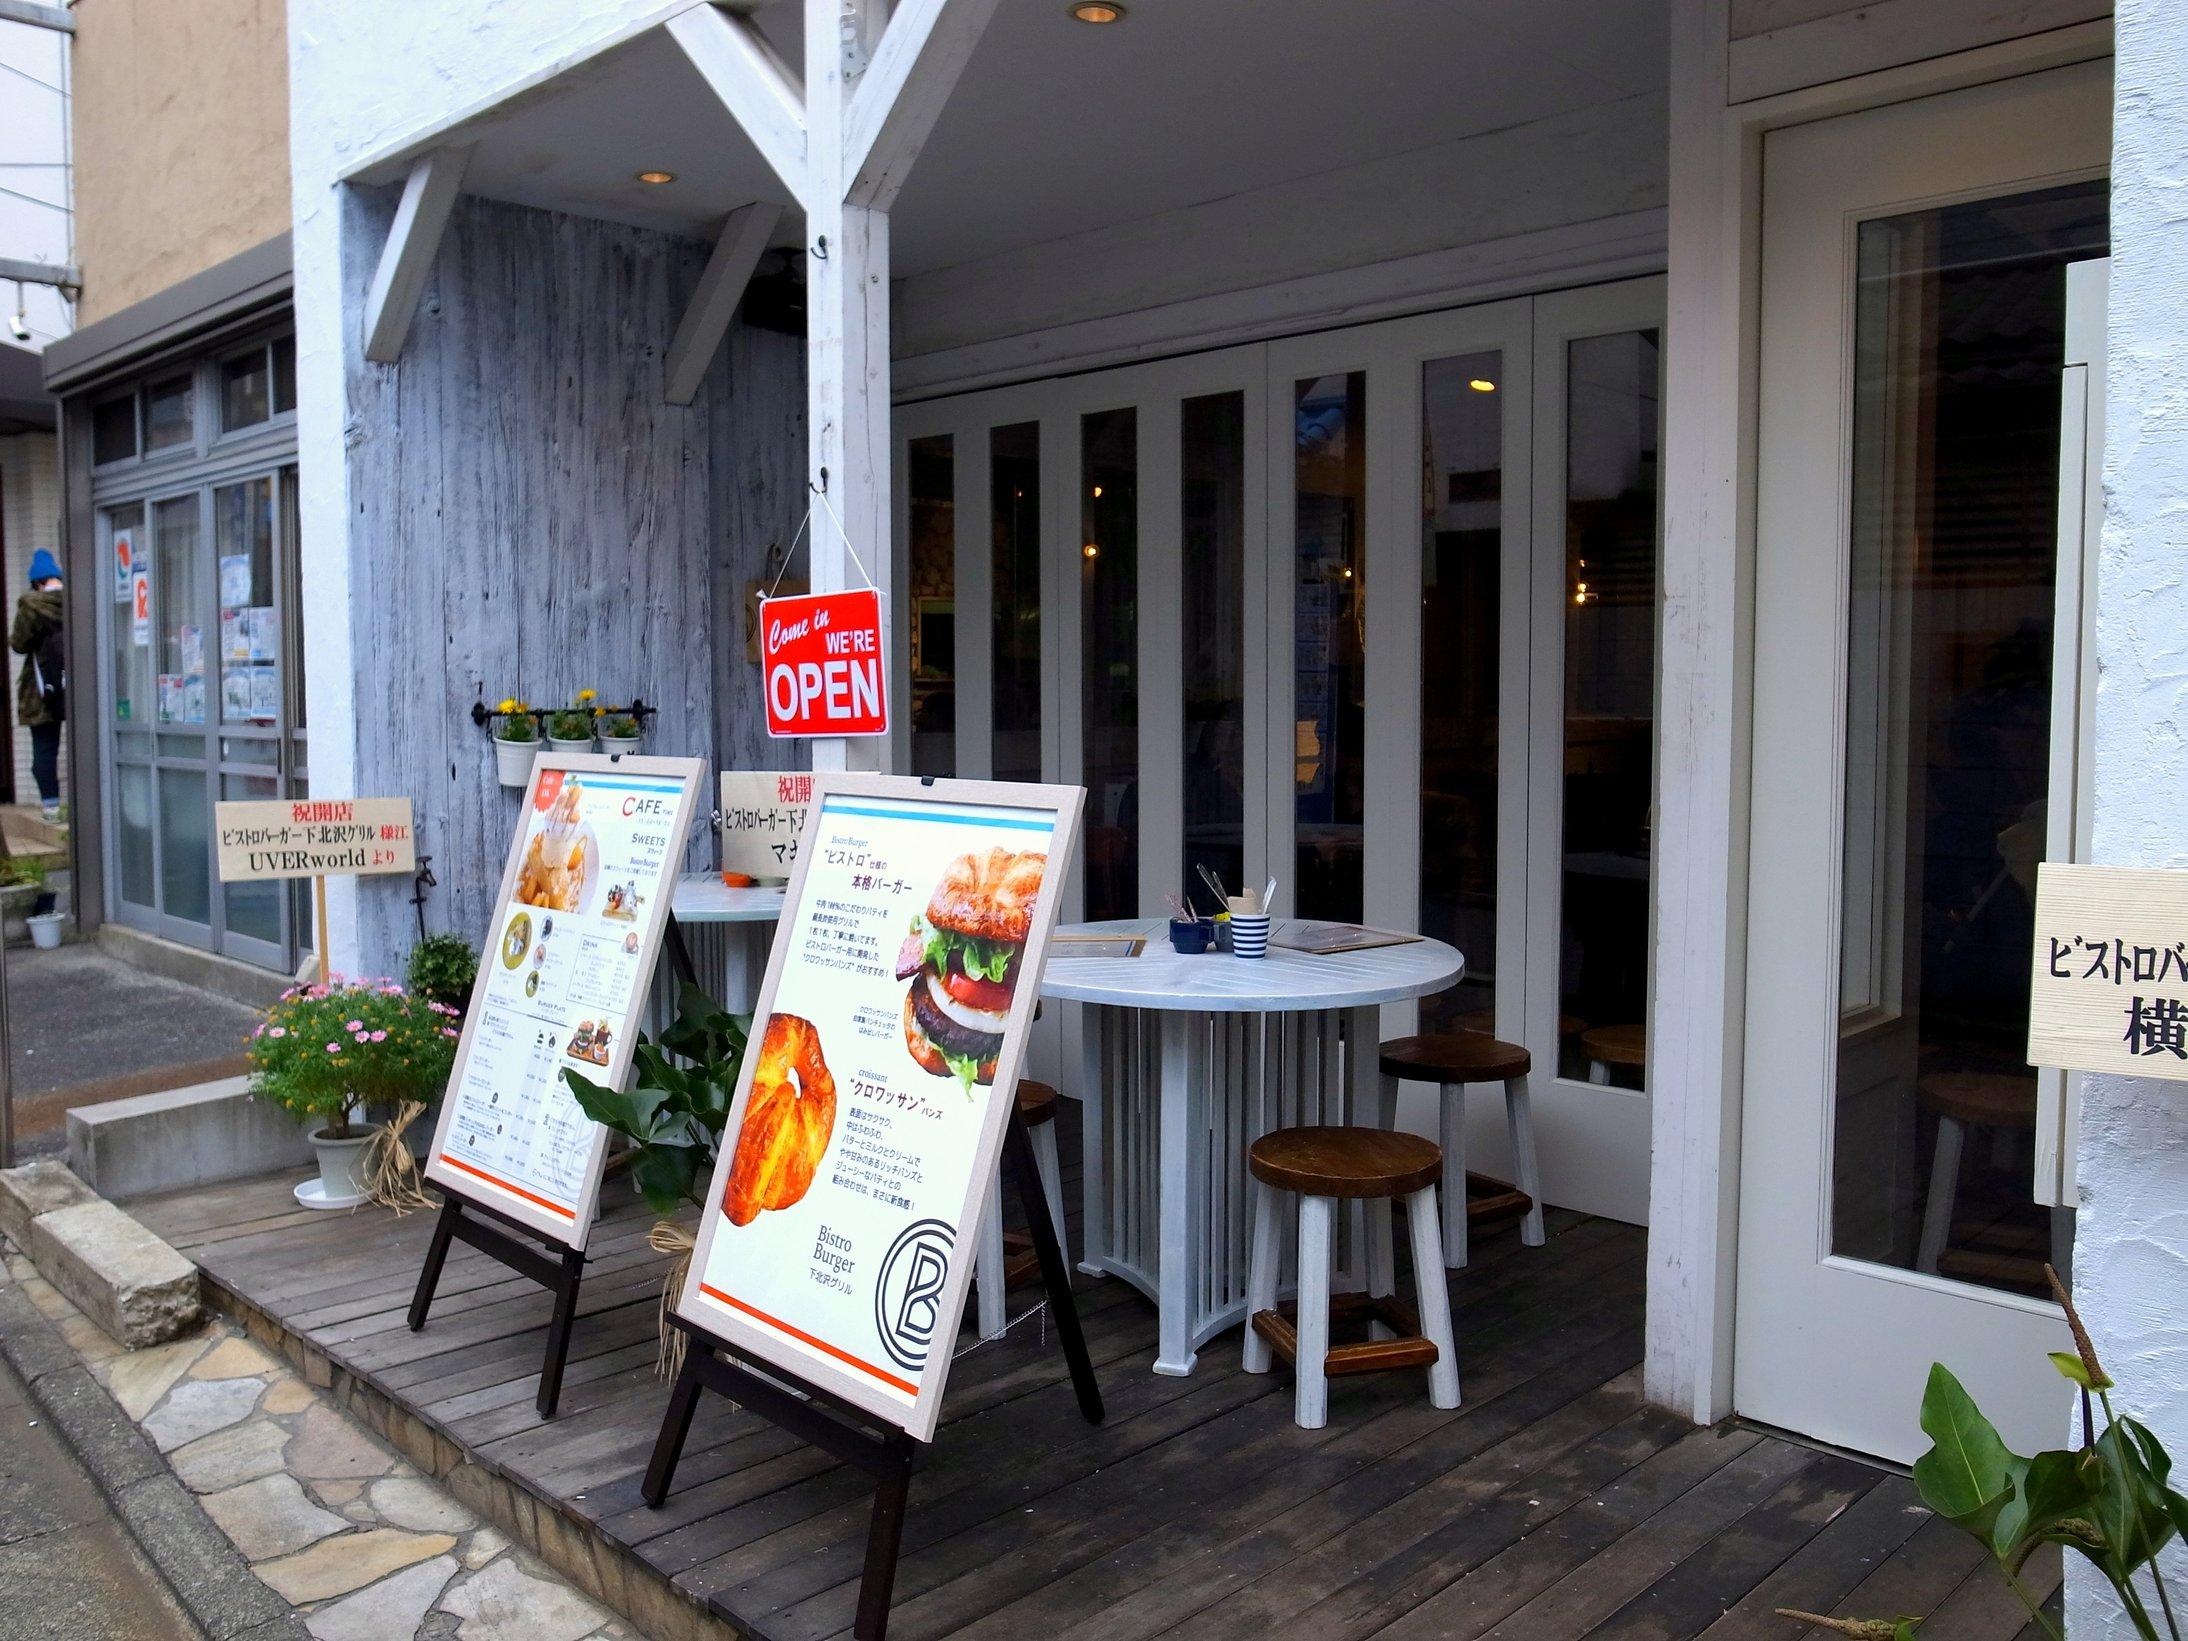 【閉店】下北沢に開店したハンバーガー屋さん「下北沢グリル」